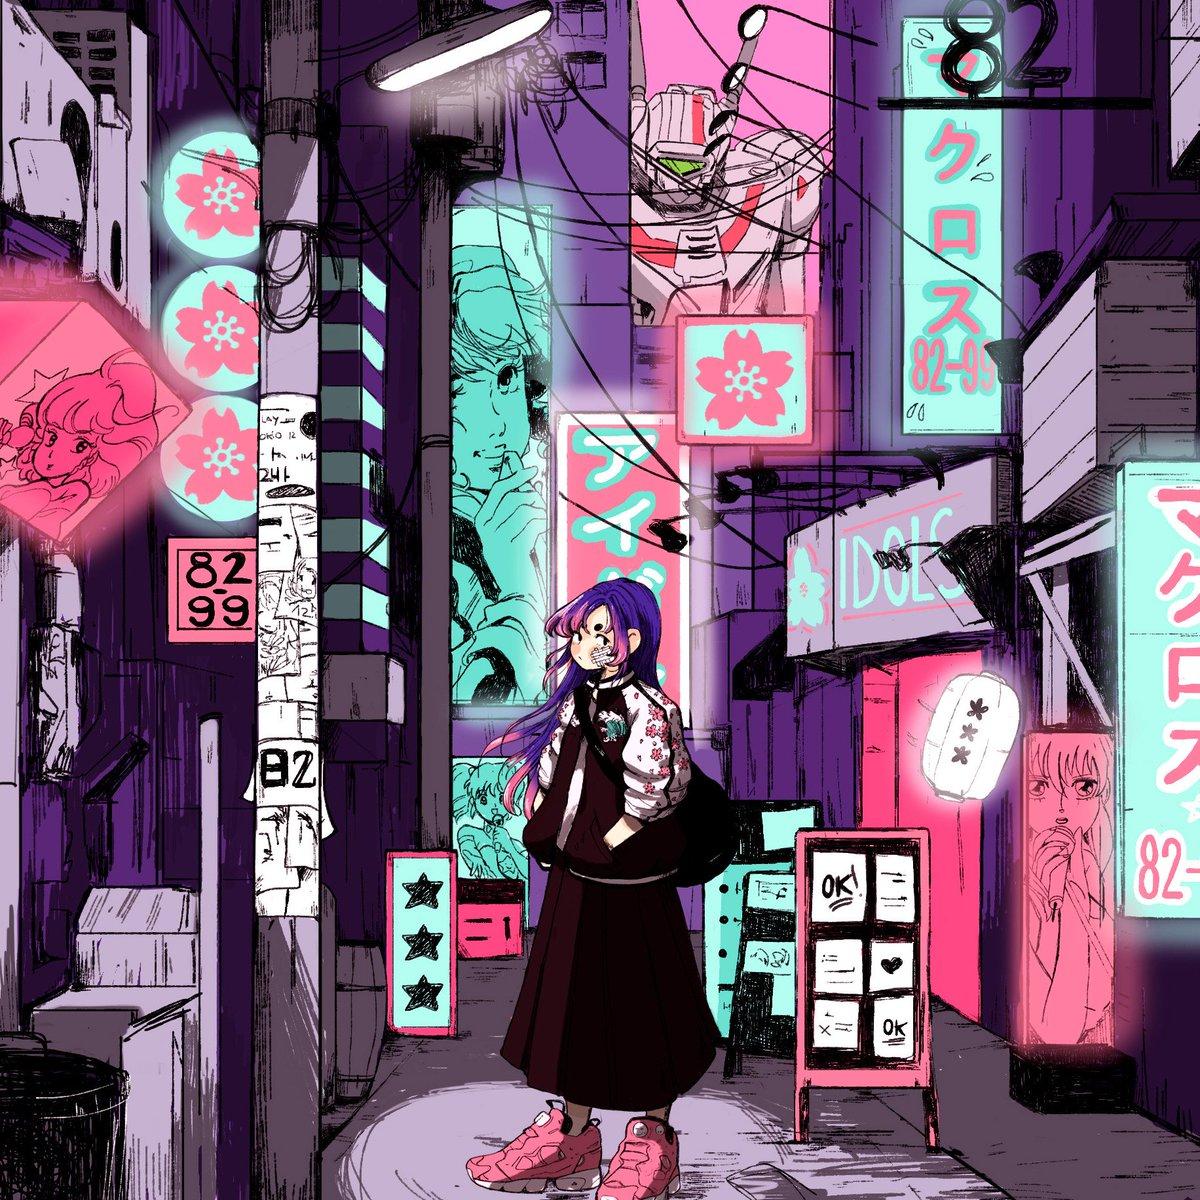 アイドル、さくら『Idols, Sakura』🌸🌸🌸 Close up